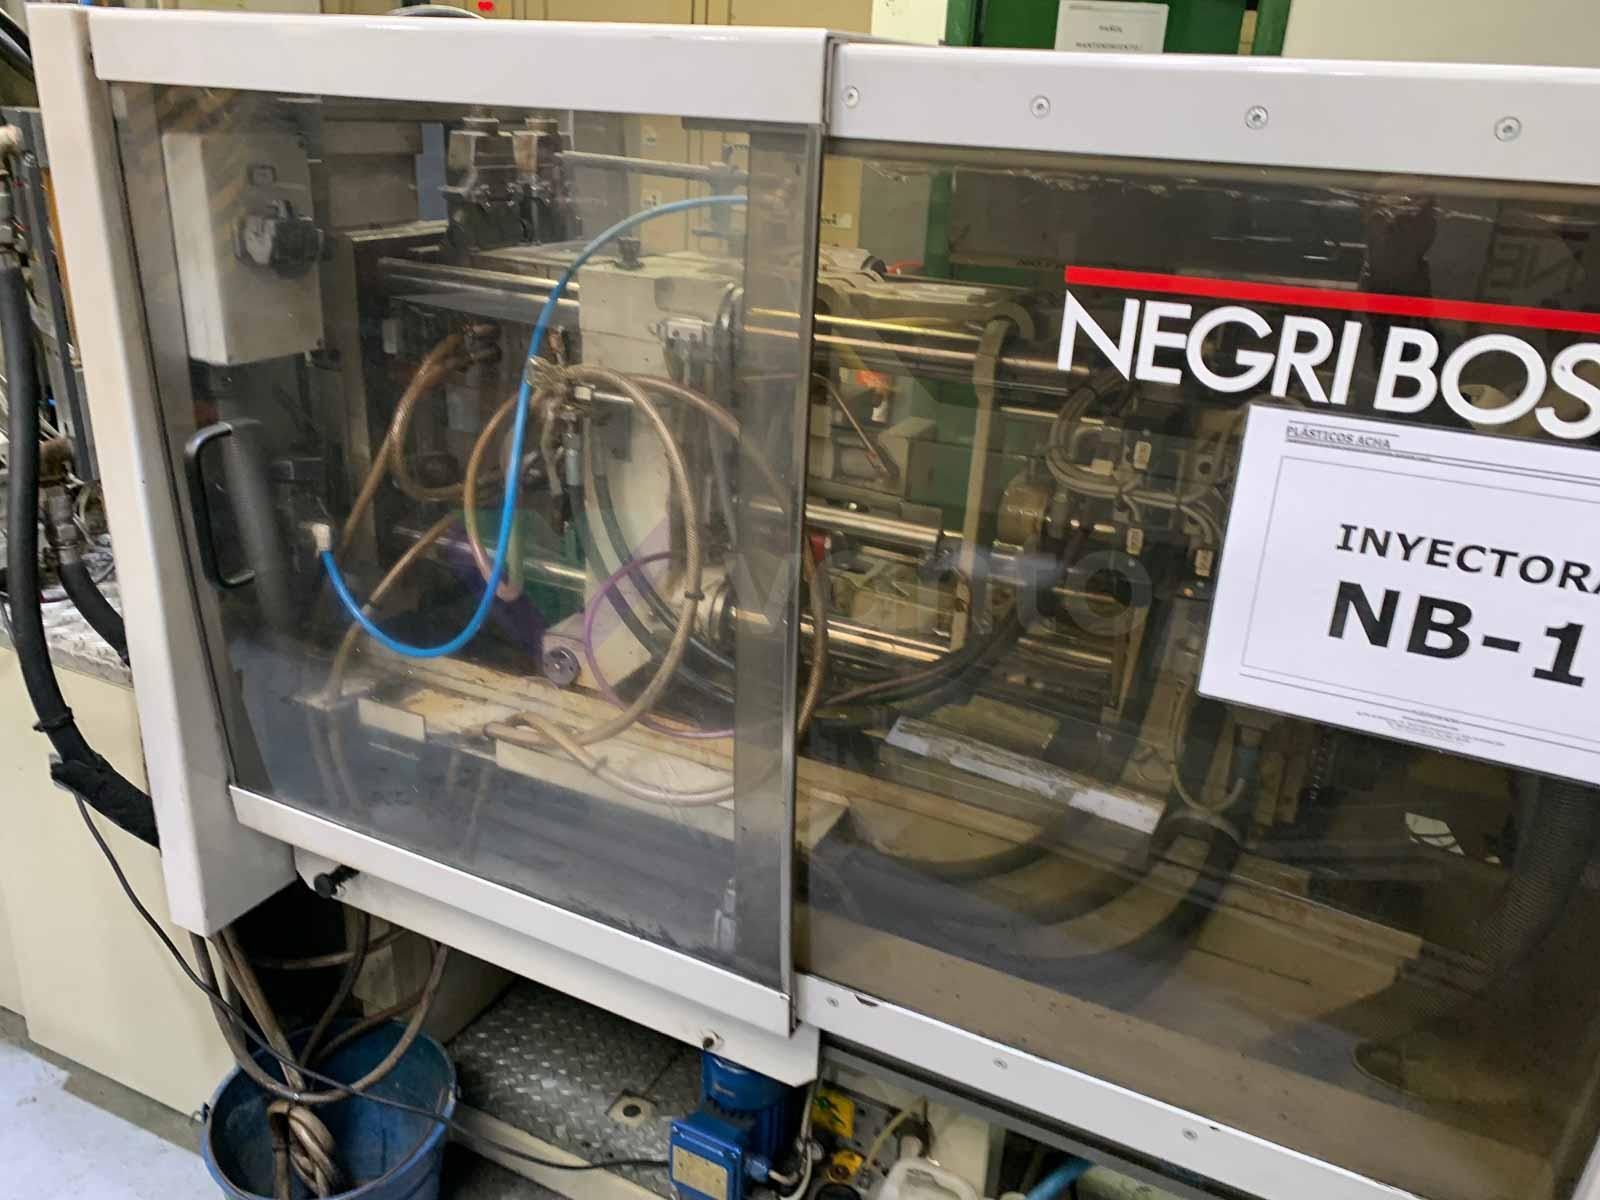 NEGRI BOSSI V55 - 200 (2002) id10610